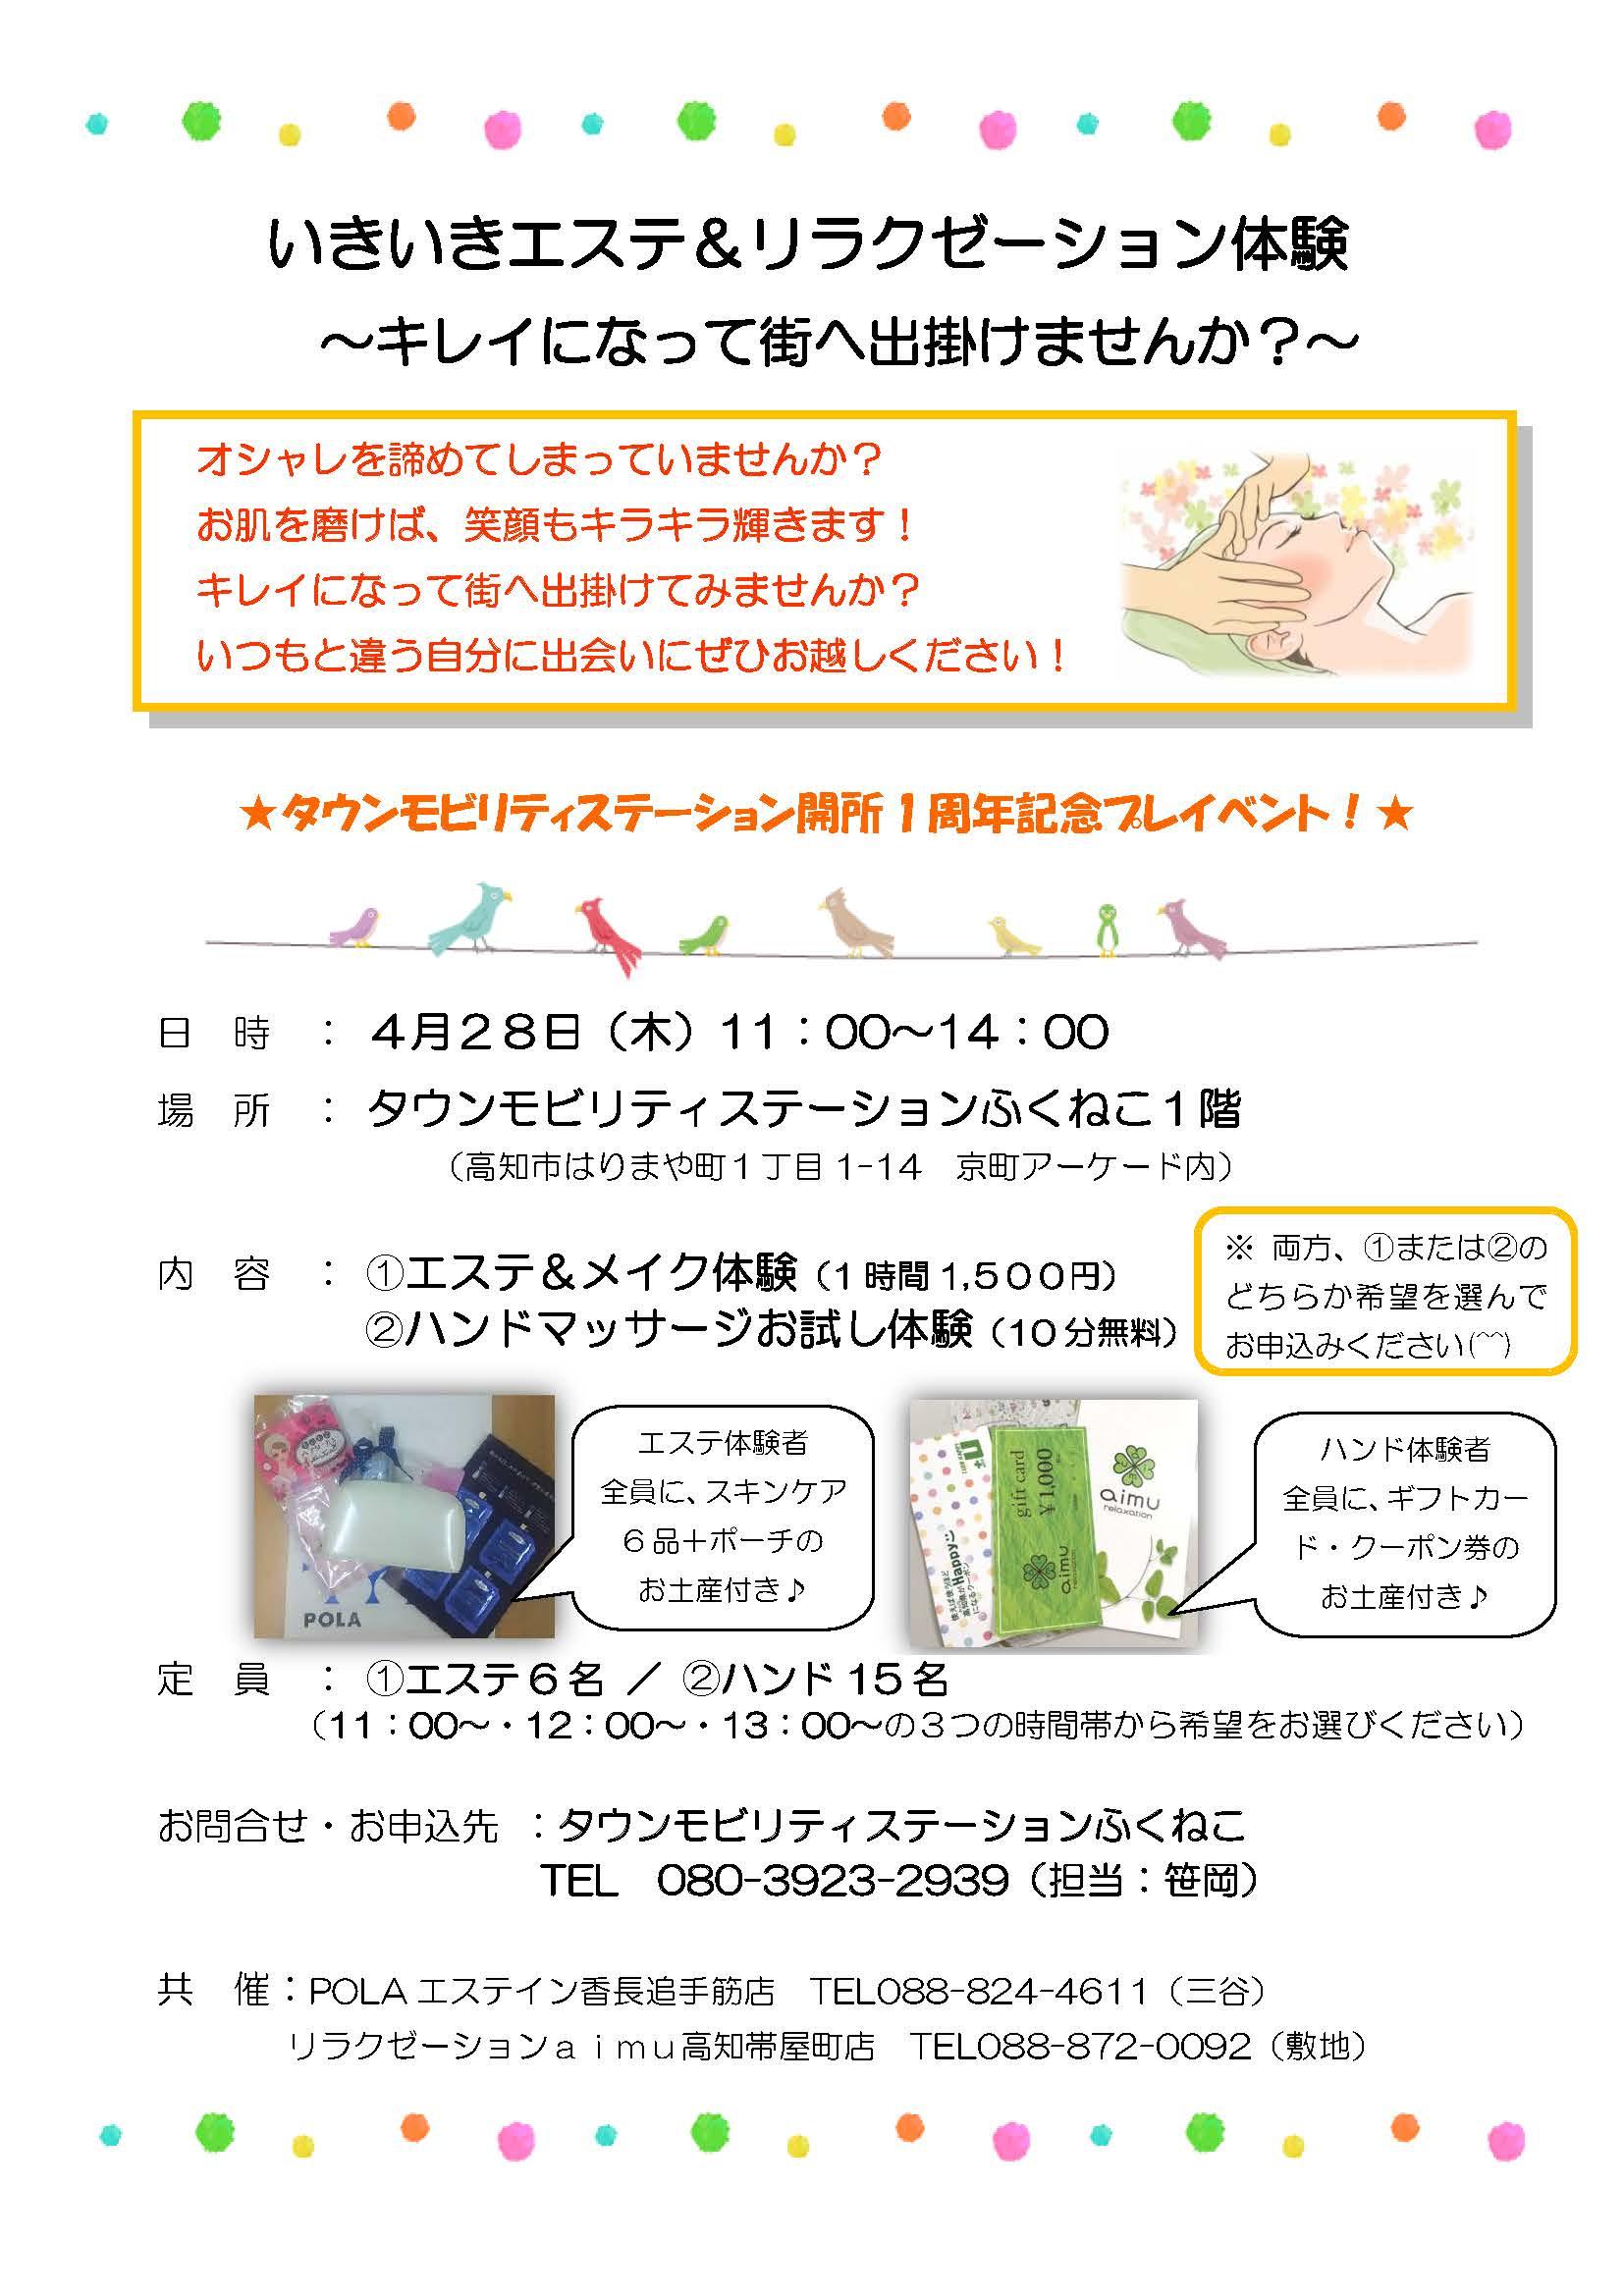 いきいきエステ&メイク体験チラシ(案)